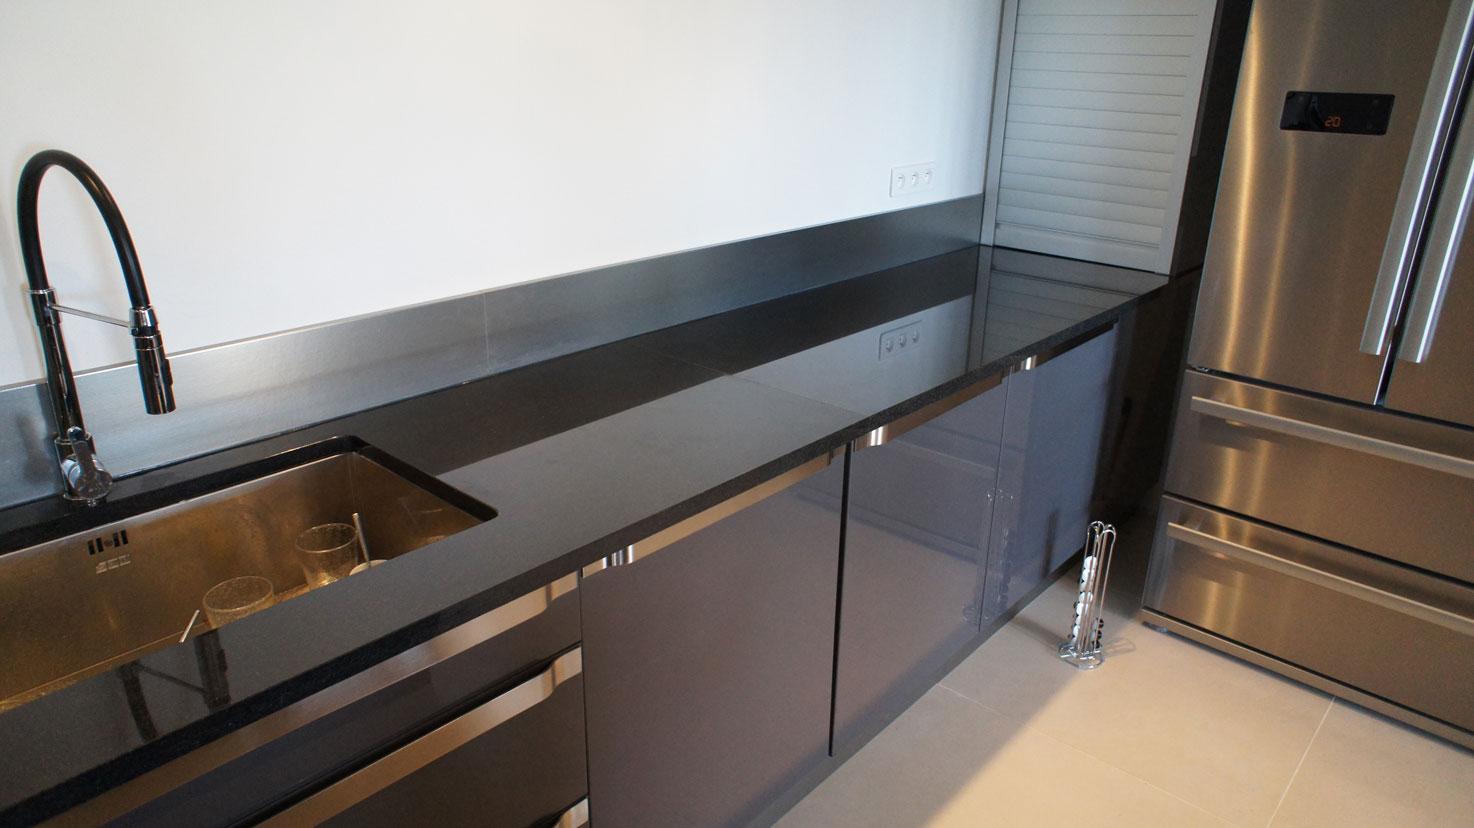 Kitchen Countertop in Black Granite7